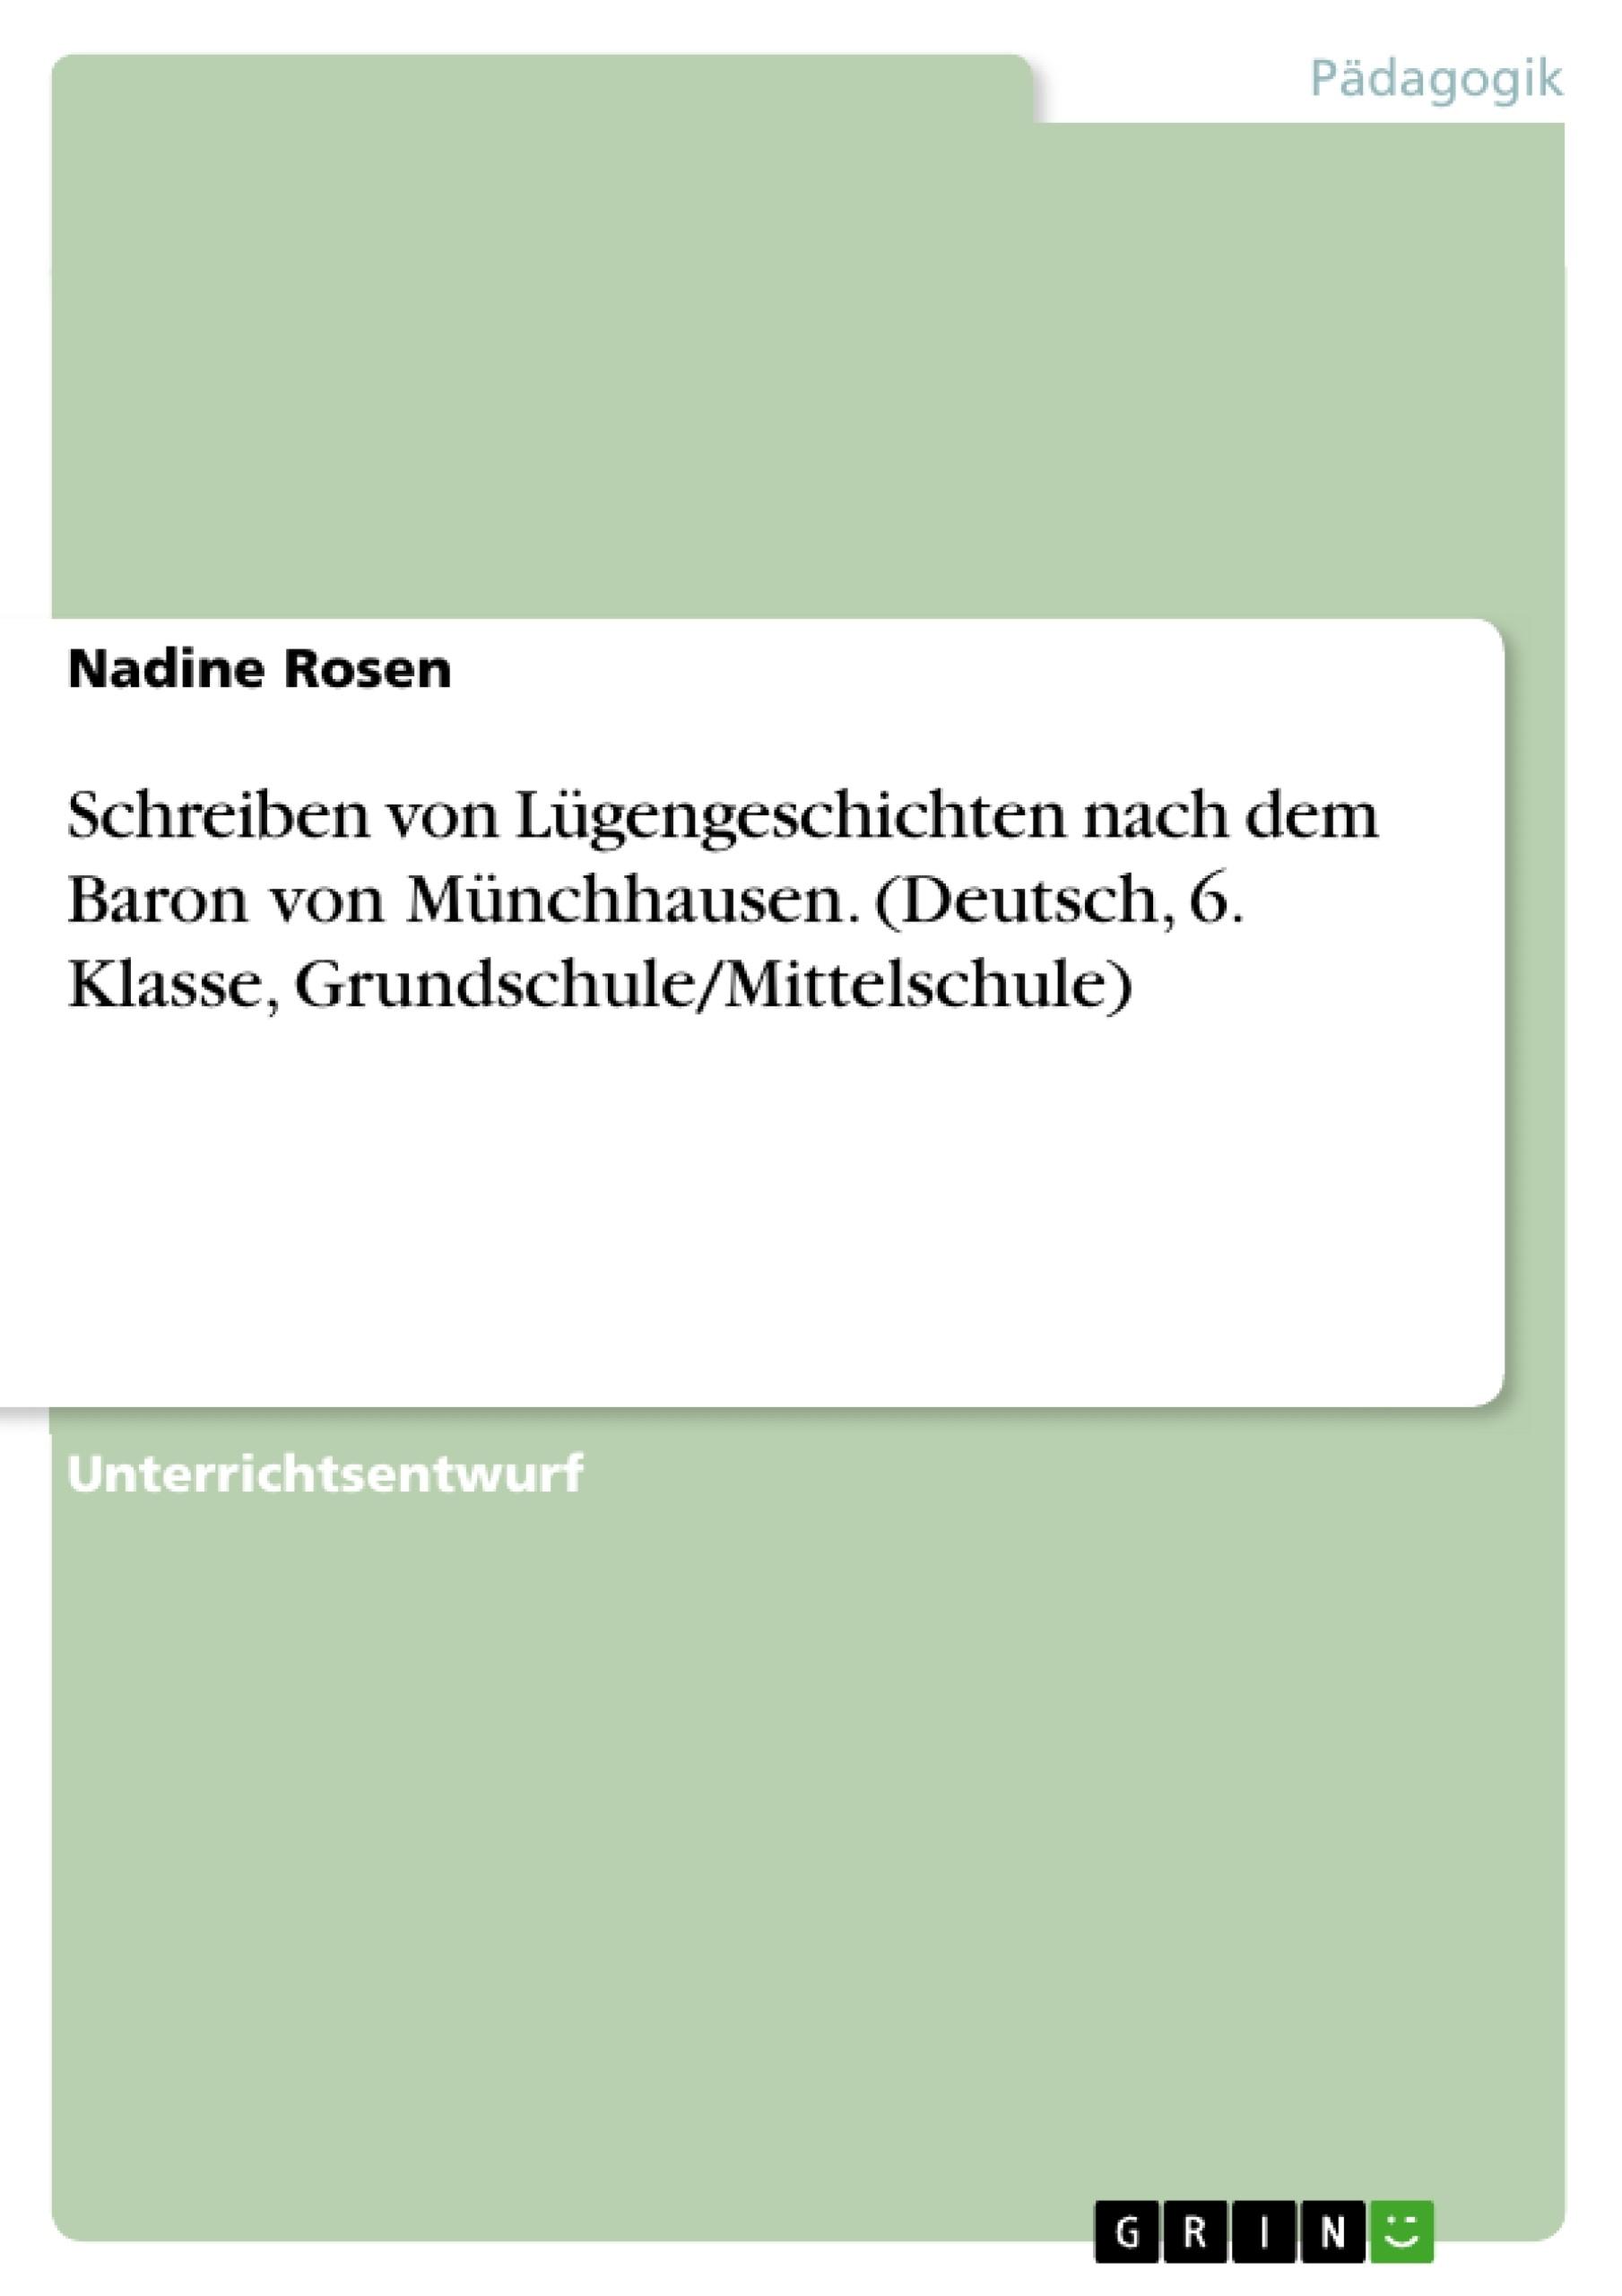 Titel: Schreiben von Lügengeschichten nach dem Baron von Münchhausen. (Deutsch, 6. Klasse, Grundschule/Mittelschule)